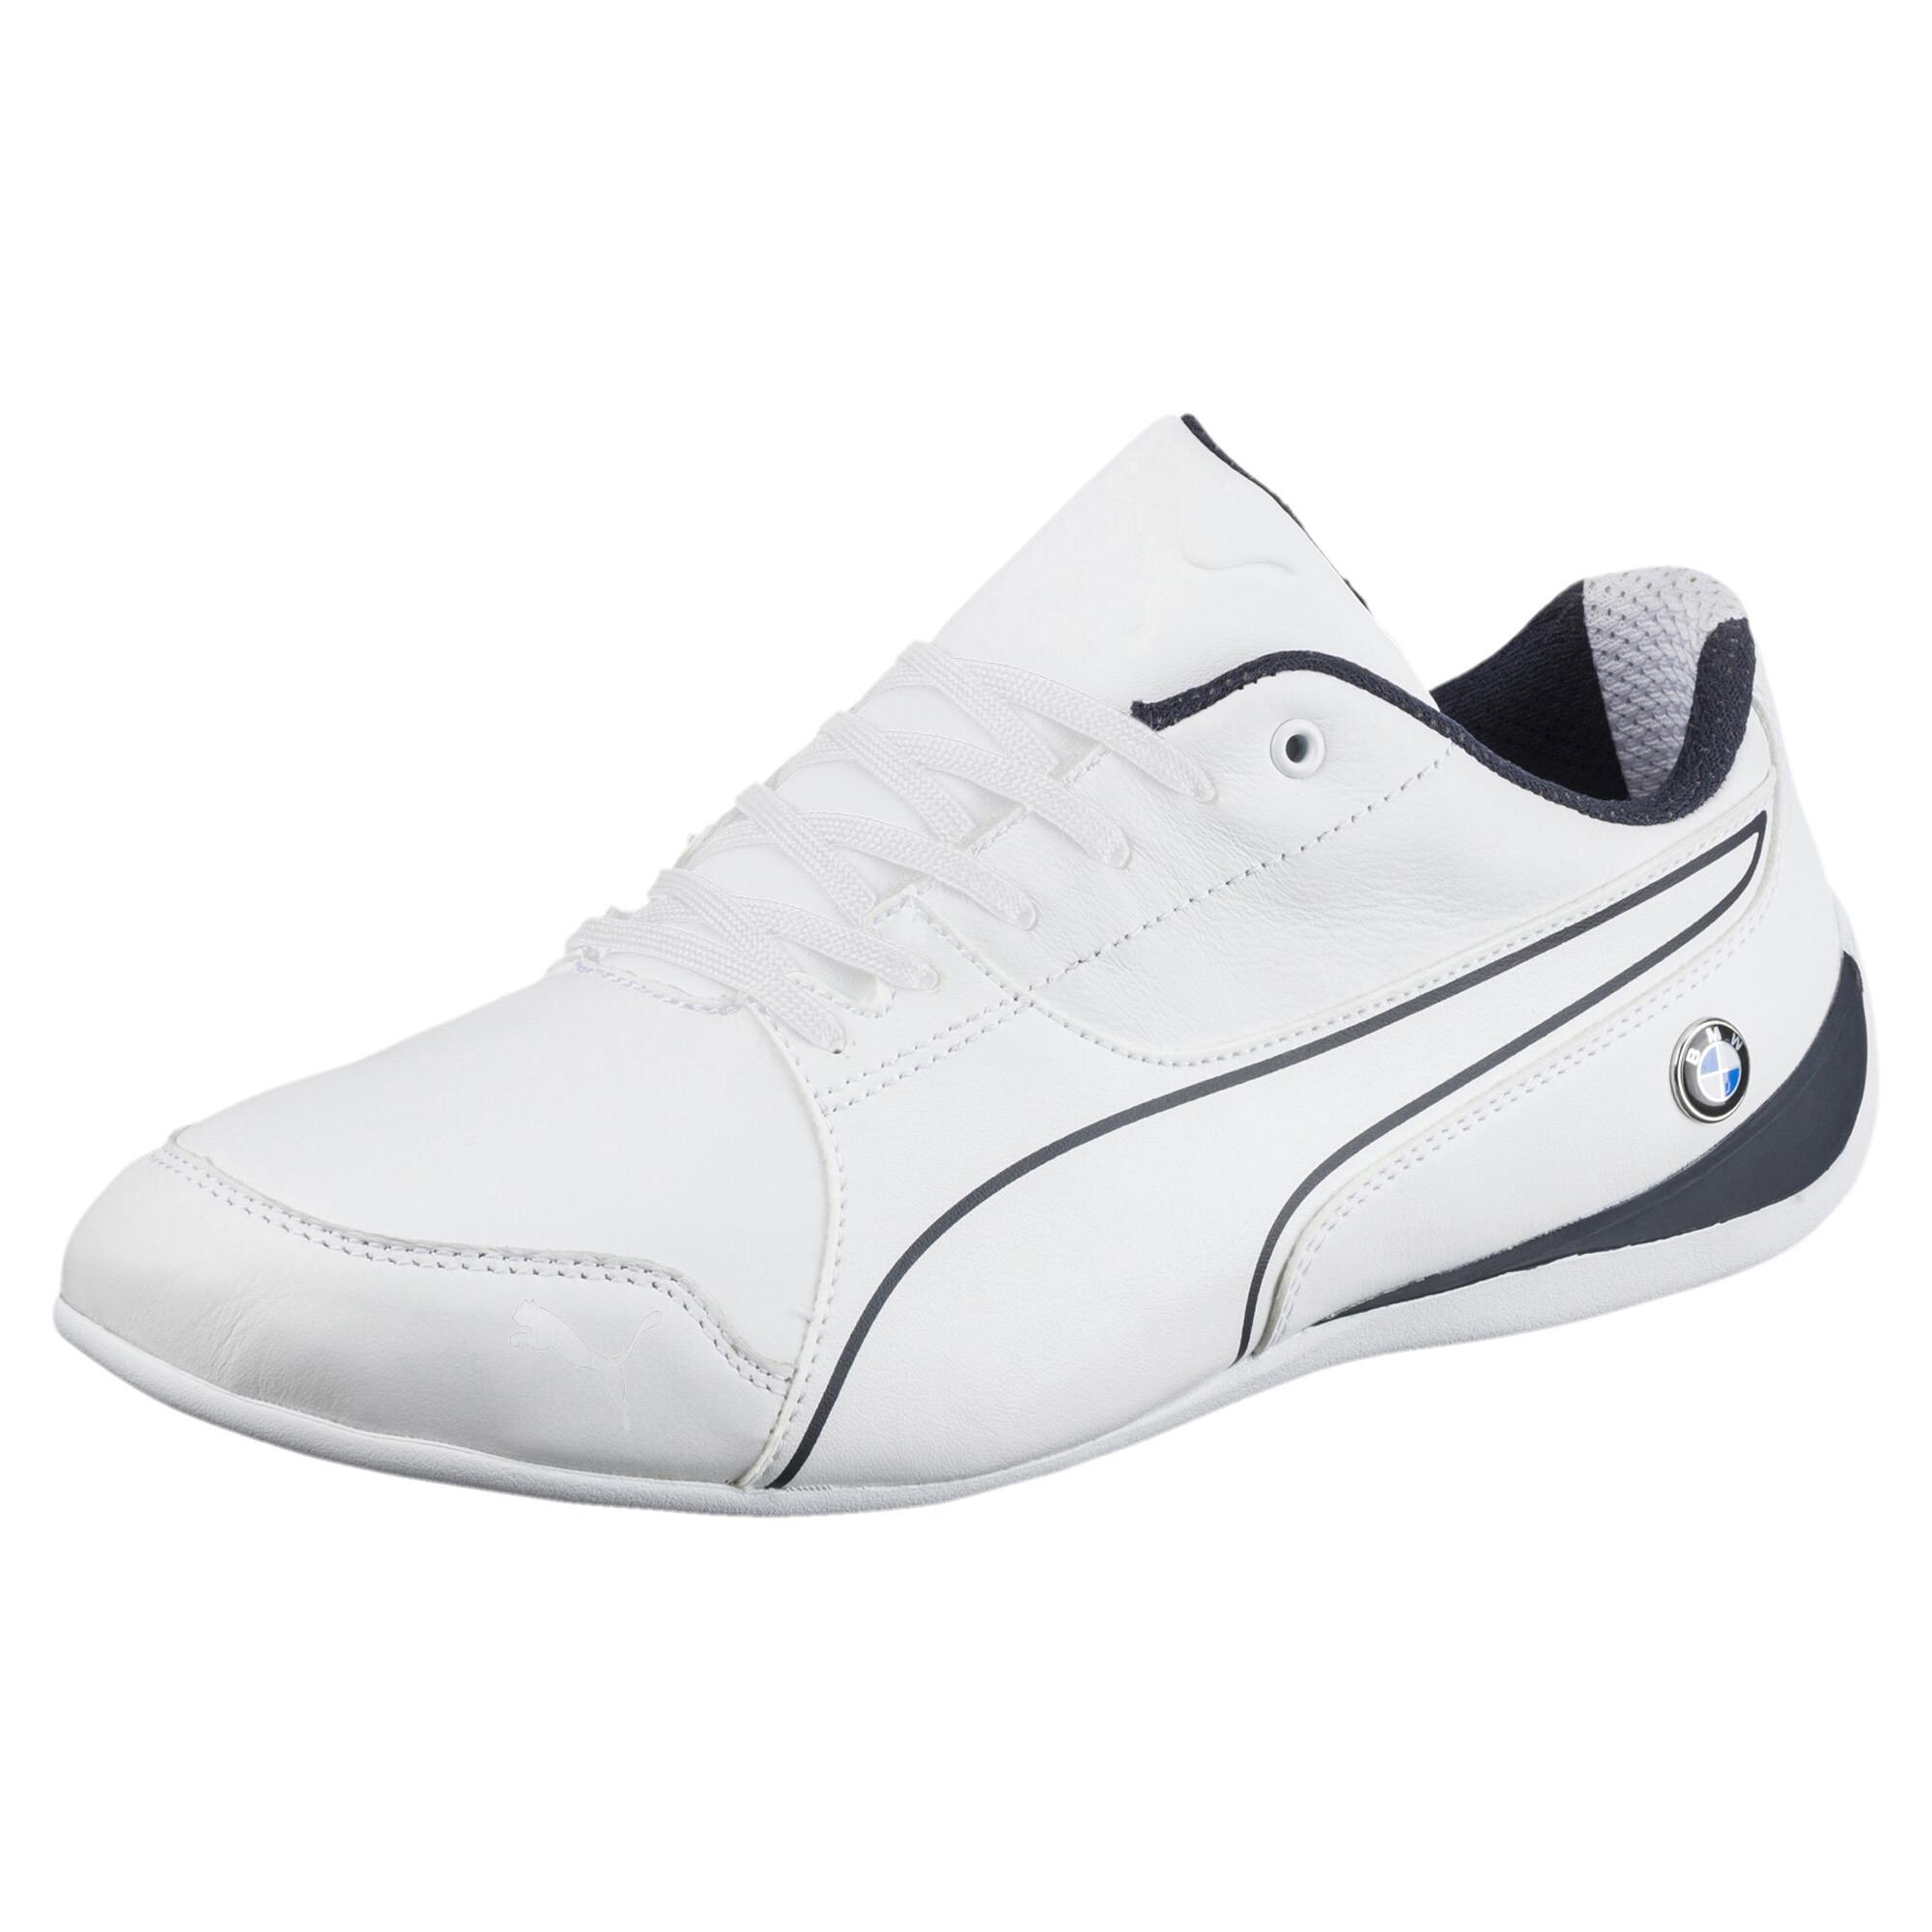 c8441fee Мужская одежда BMW Motorsport - купить кроссовки и аксессуары BMW Motorsport  в интернет-магазине Puma